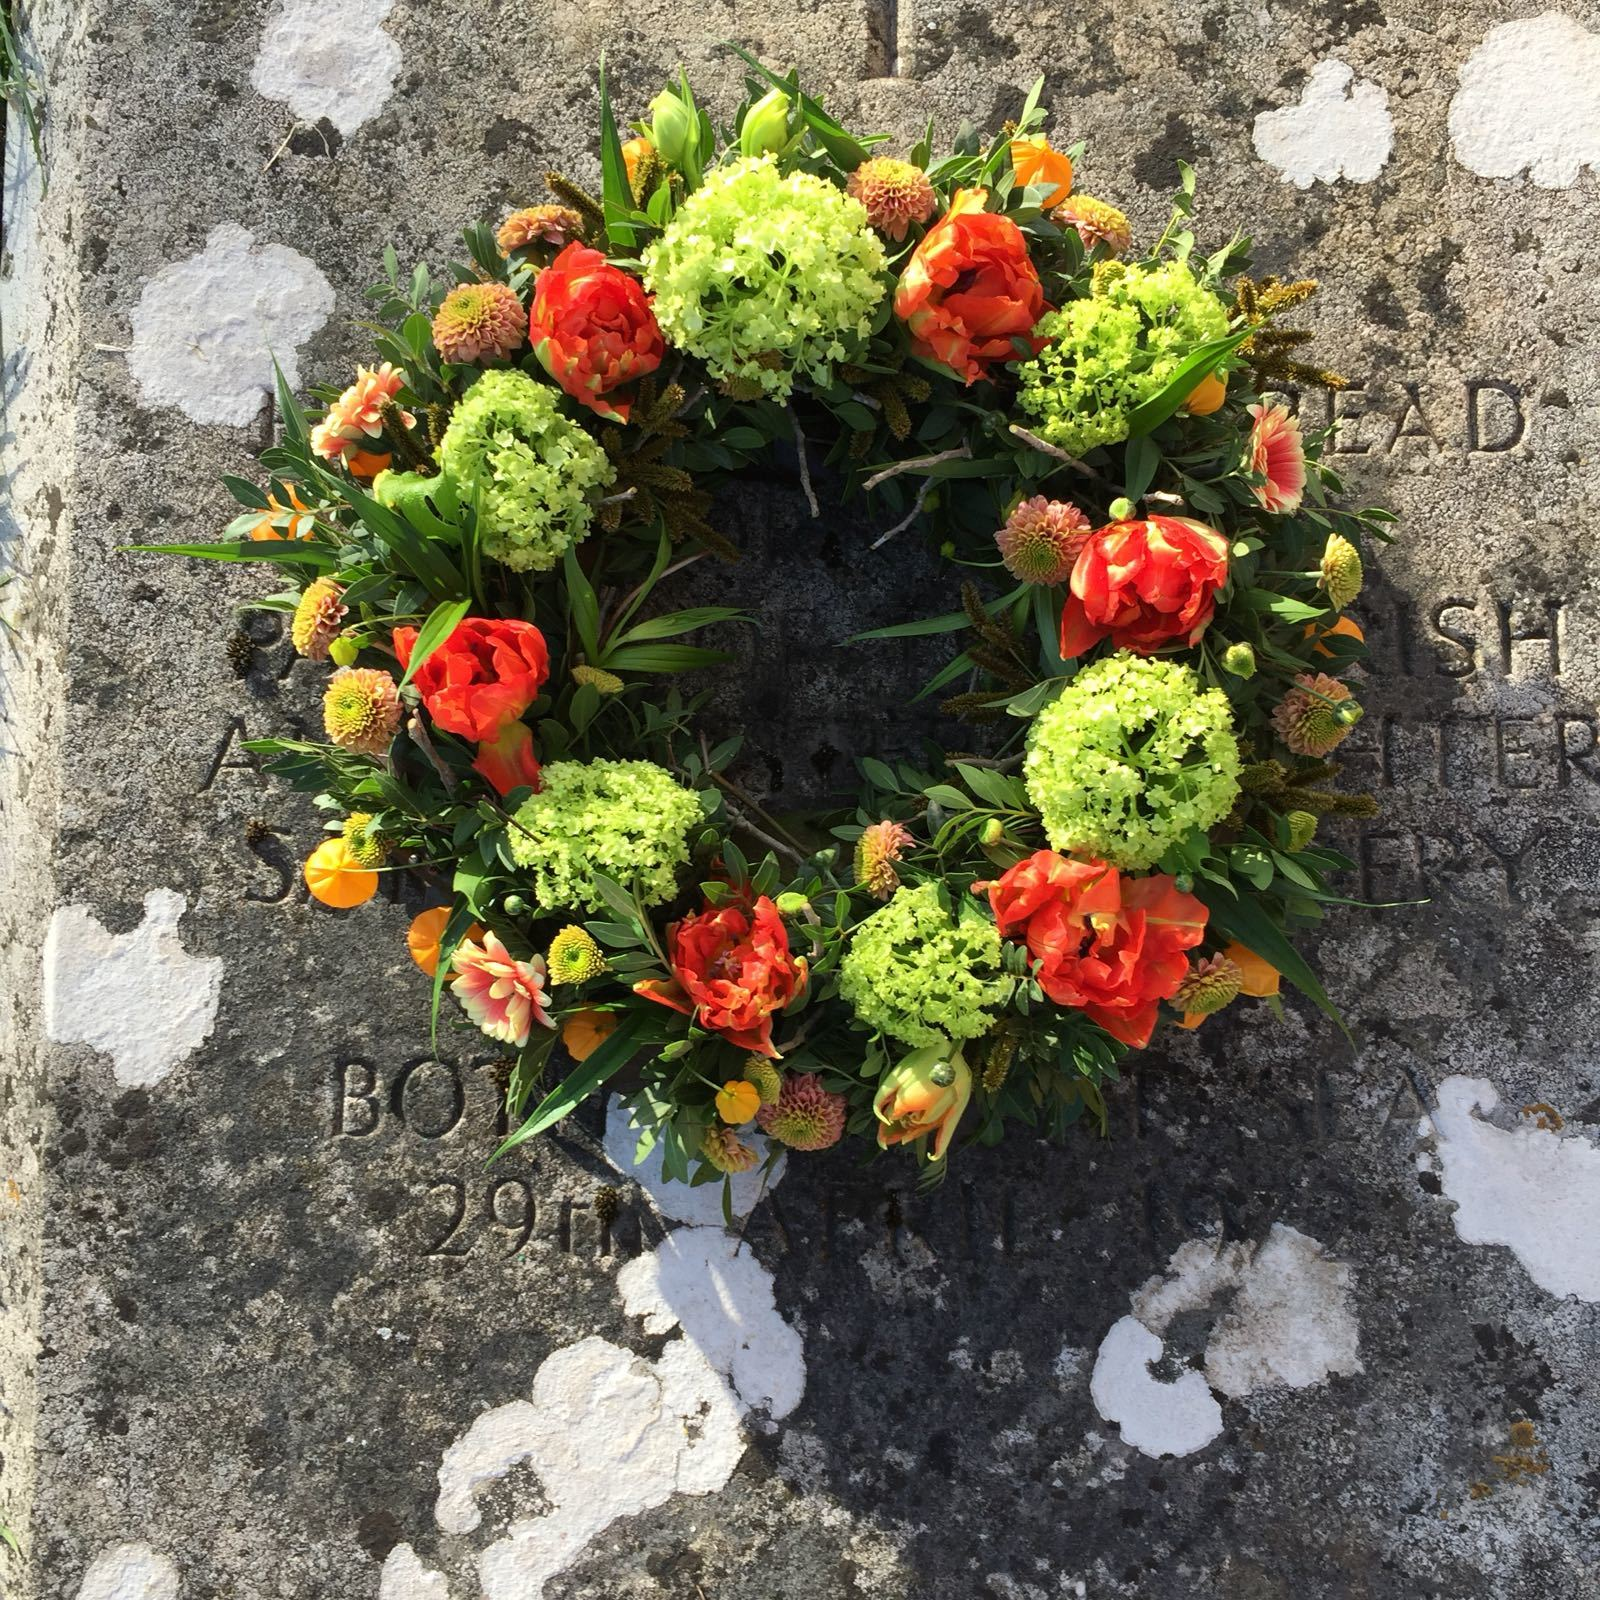 BIODEGRADABLE RING WREATH Funeral or door wreath